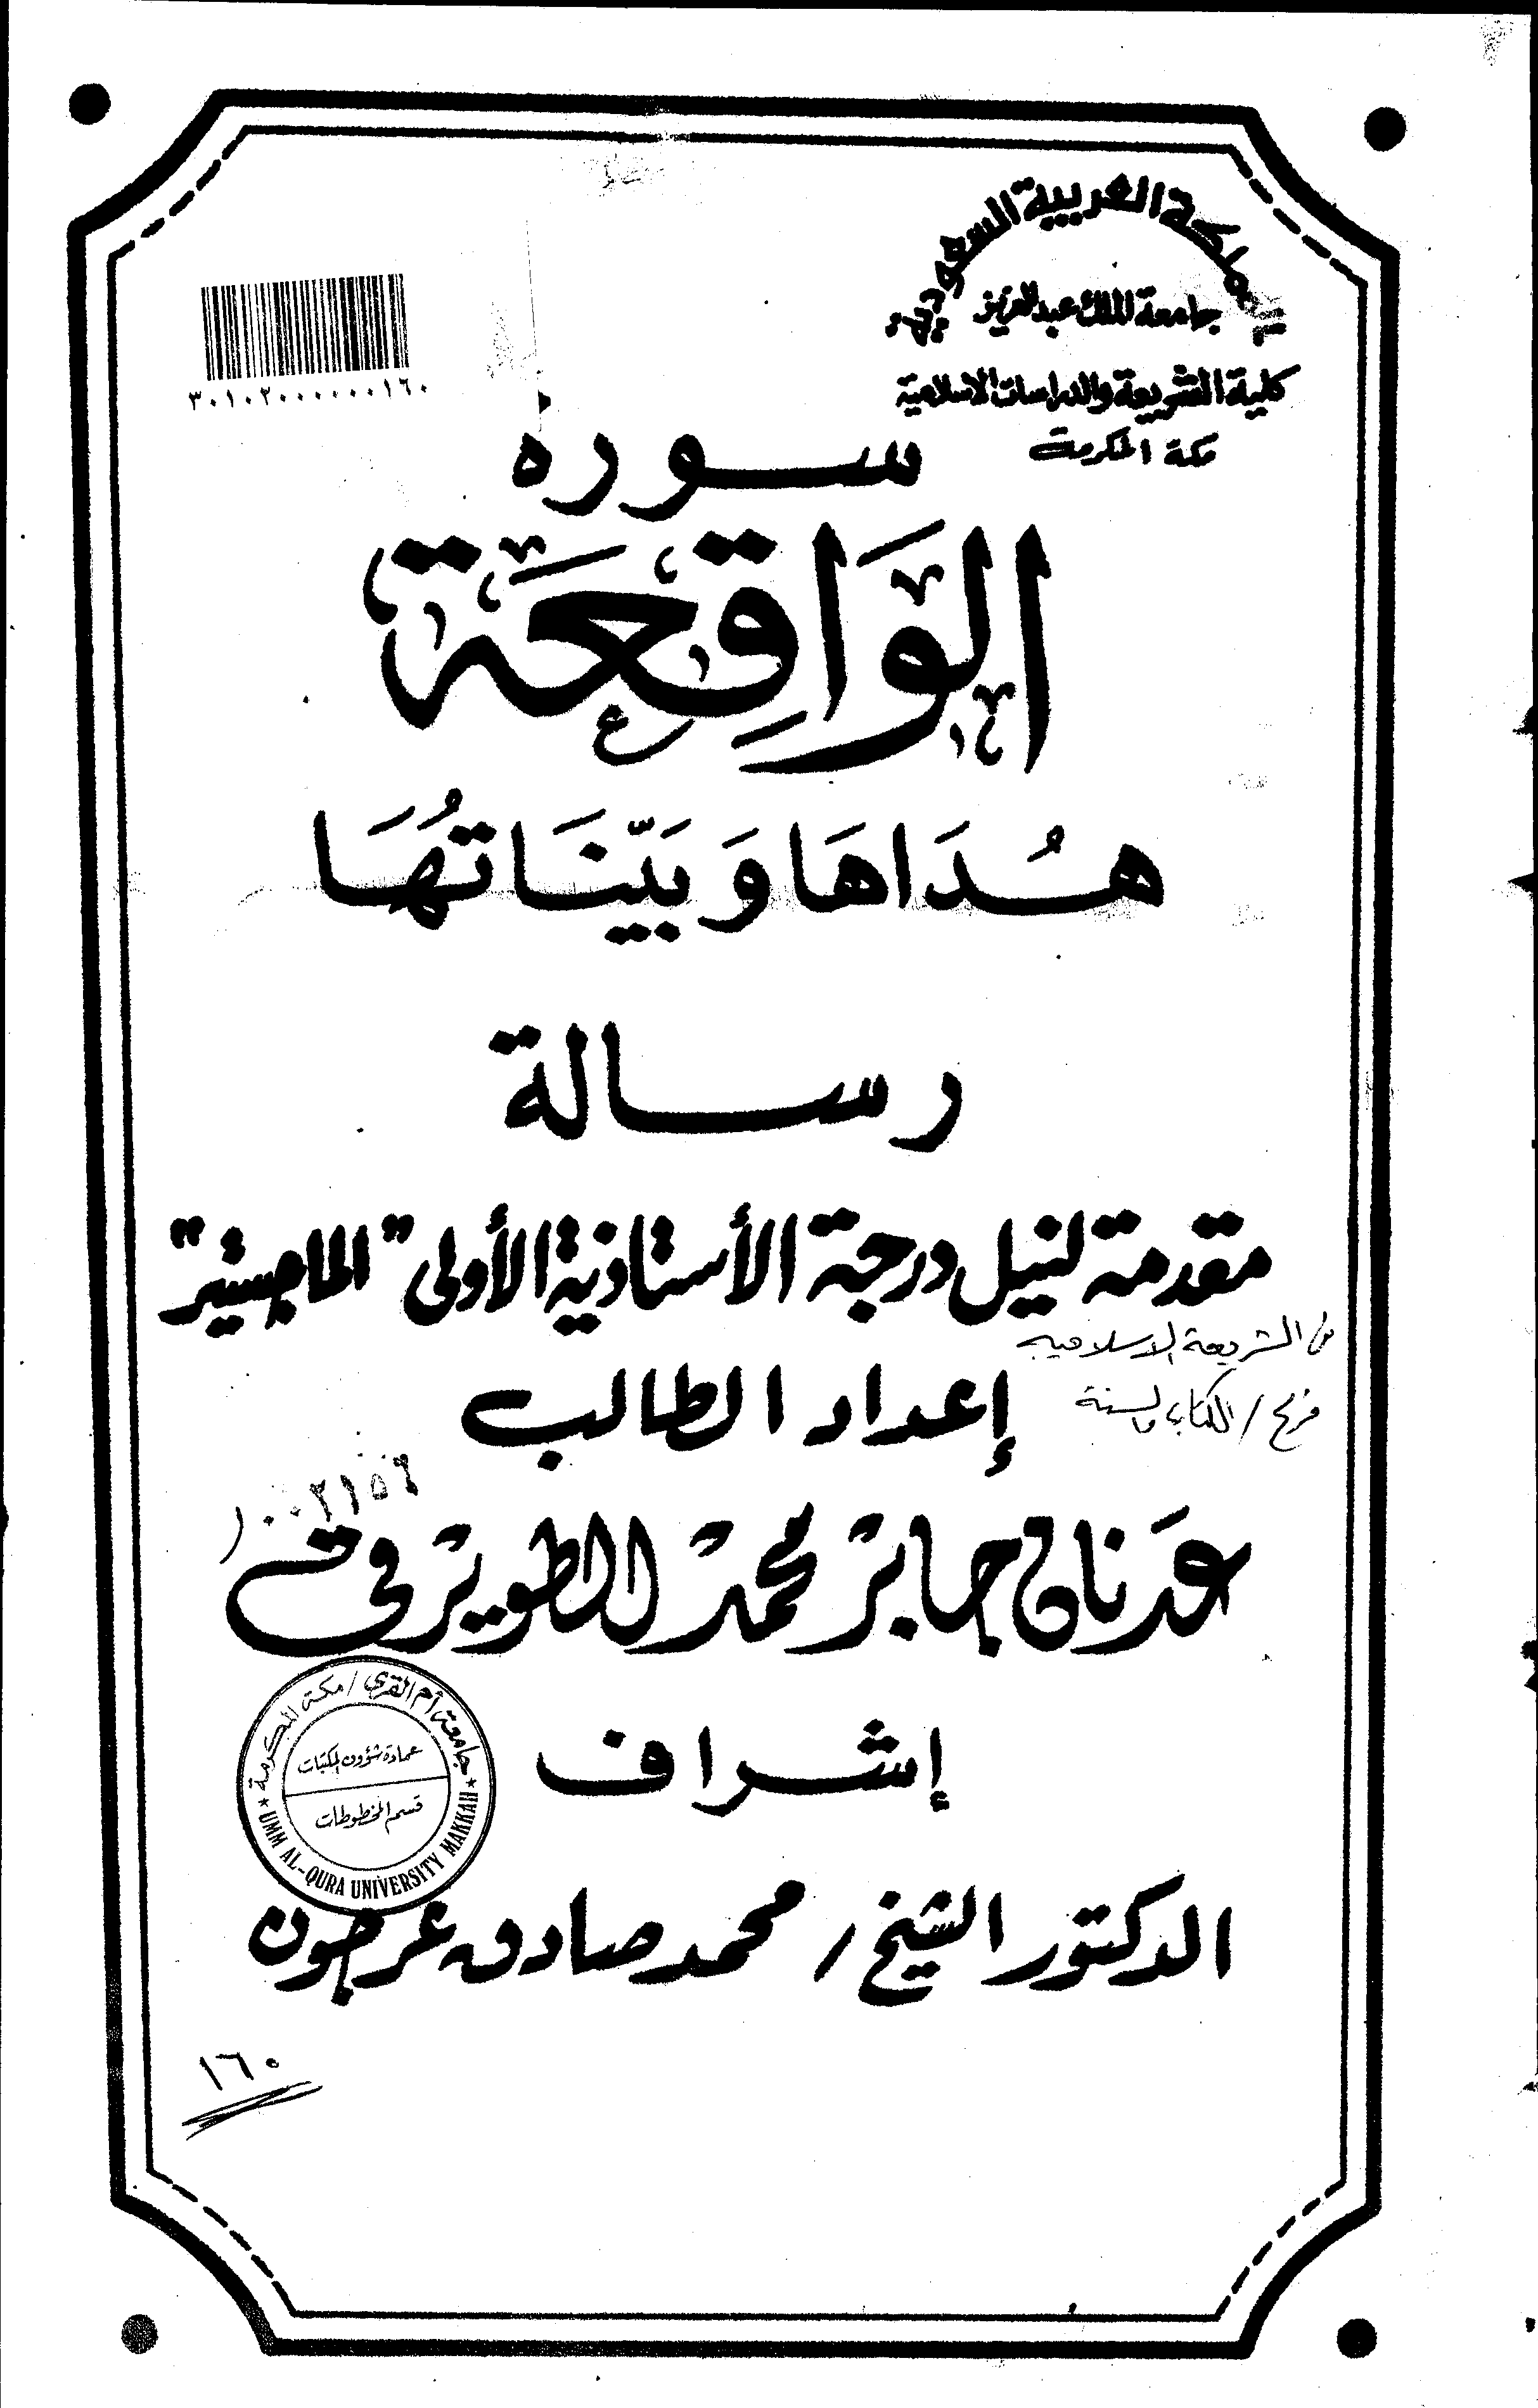 سورة الواقعة هداها وبيناتها - عدنان جابر محمد الطويرقي